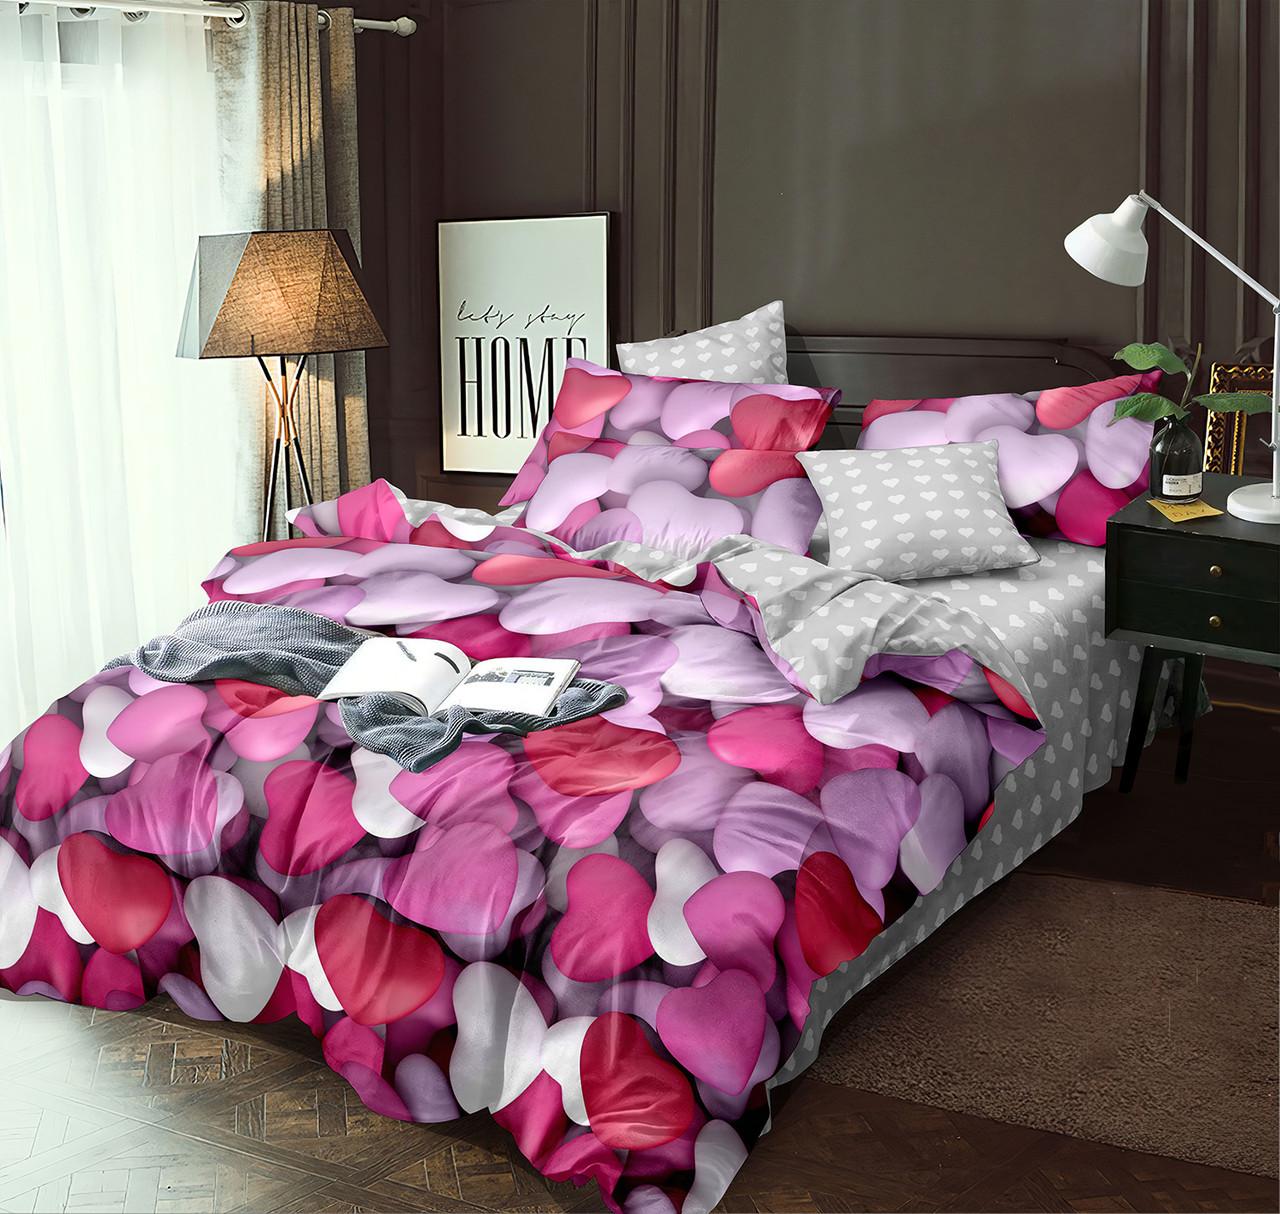 Двуспальный комплект постельного белья 180*220 сатин (12610) TM КРИСПОЛ Украина